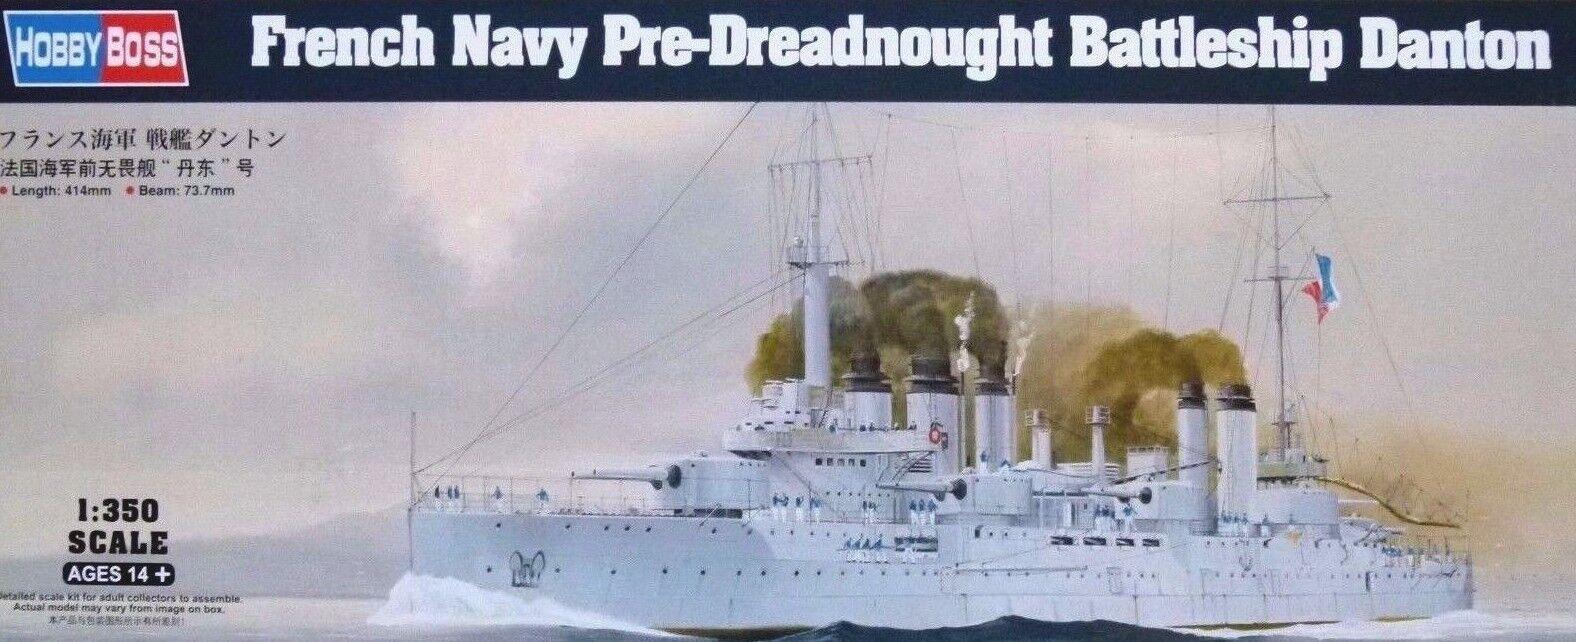 Hobbyboss 1 350 Danton French Navy Pre-Dreadnought Battleship Model Kit